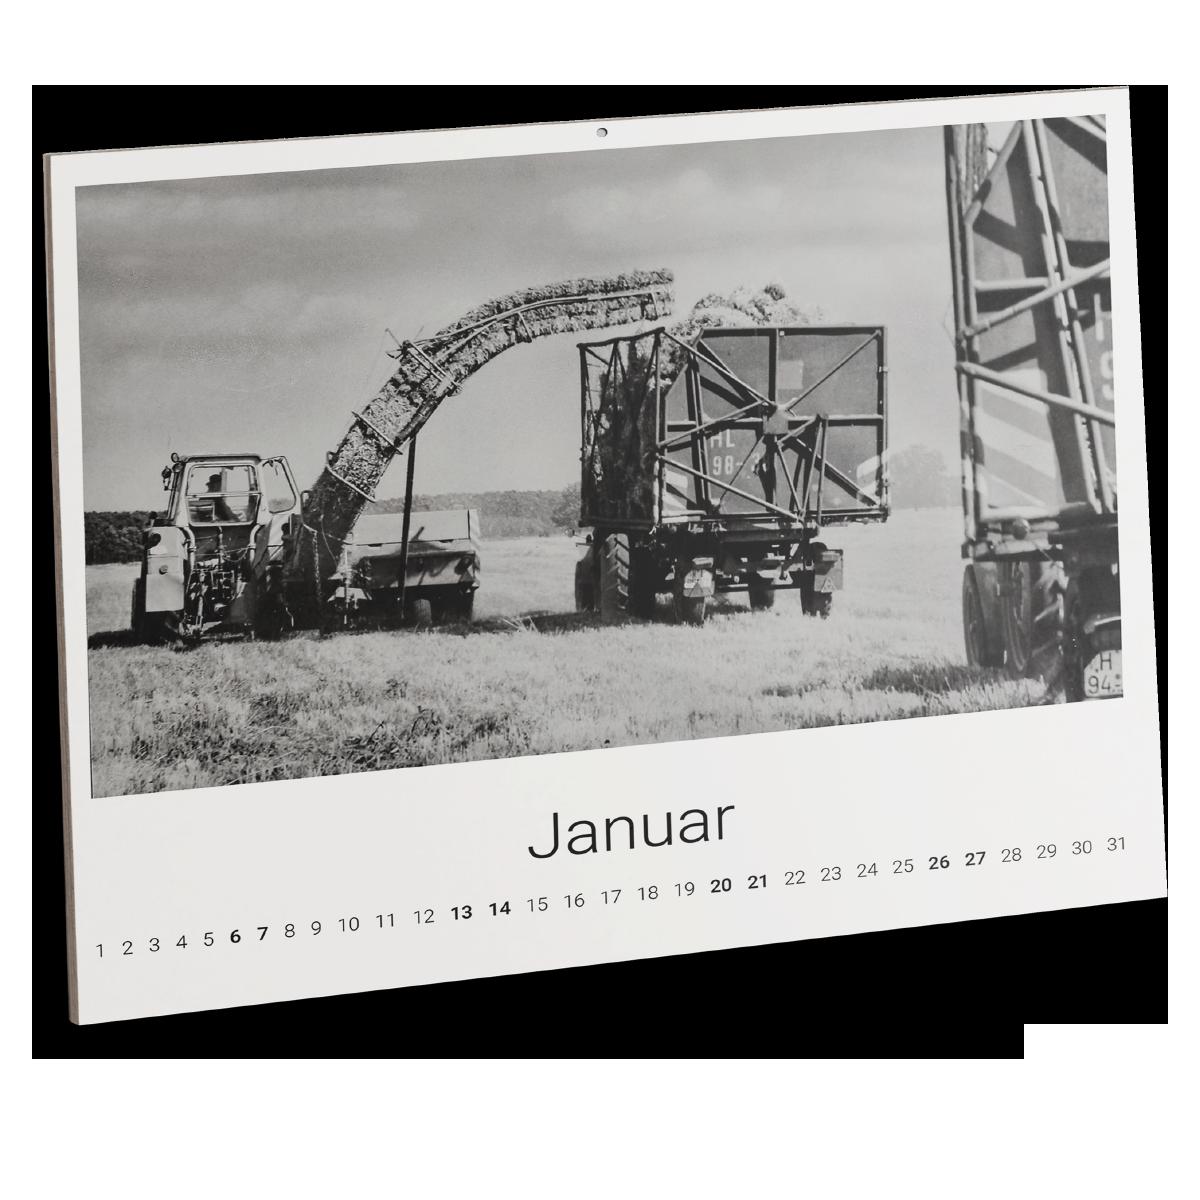 DDR-Landmaschinen Kalender 2021